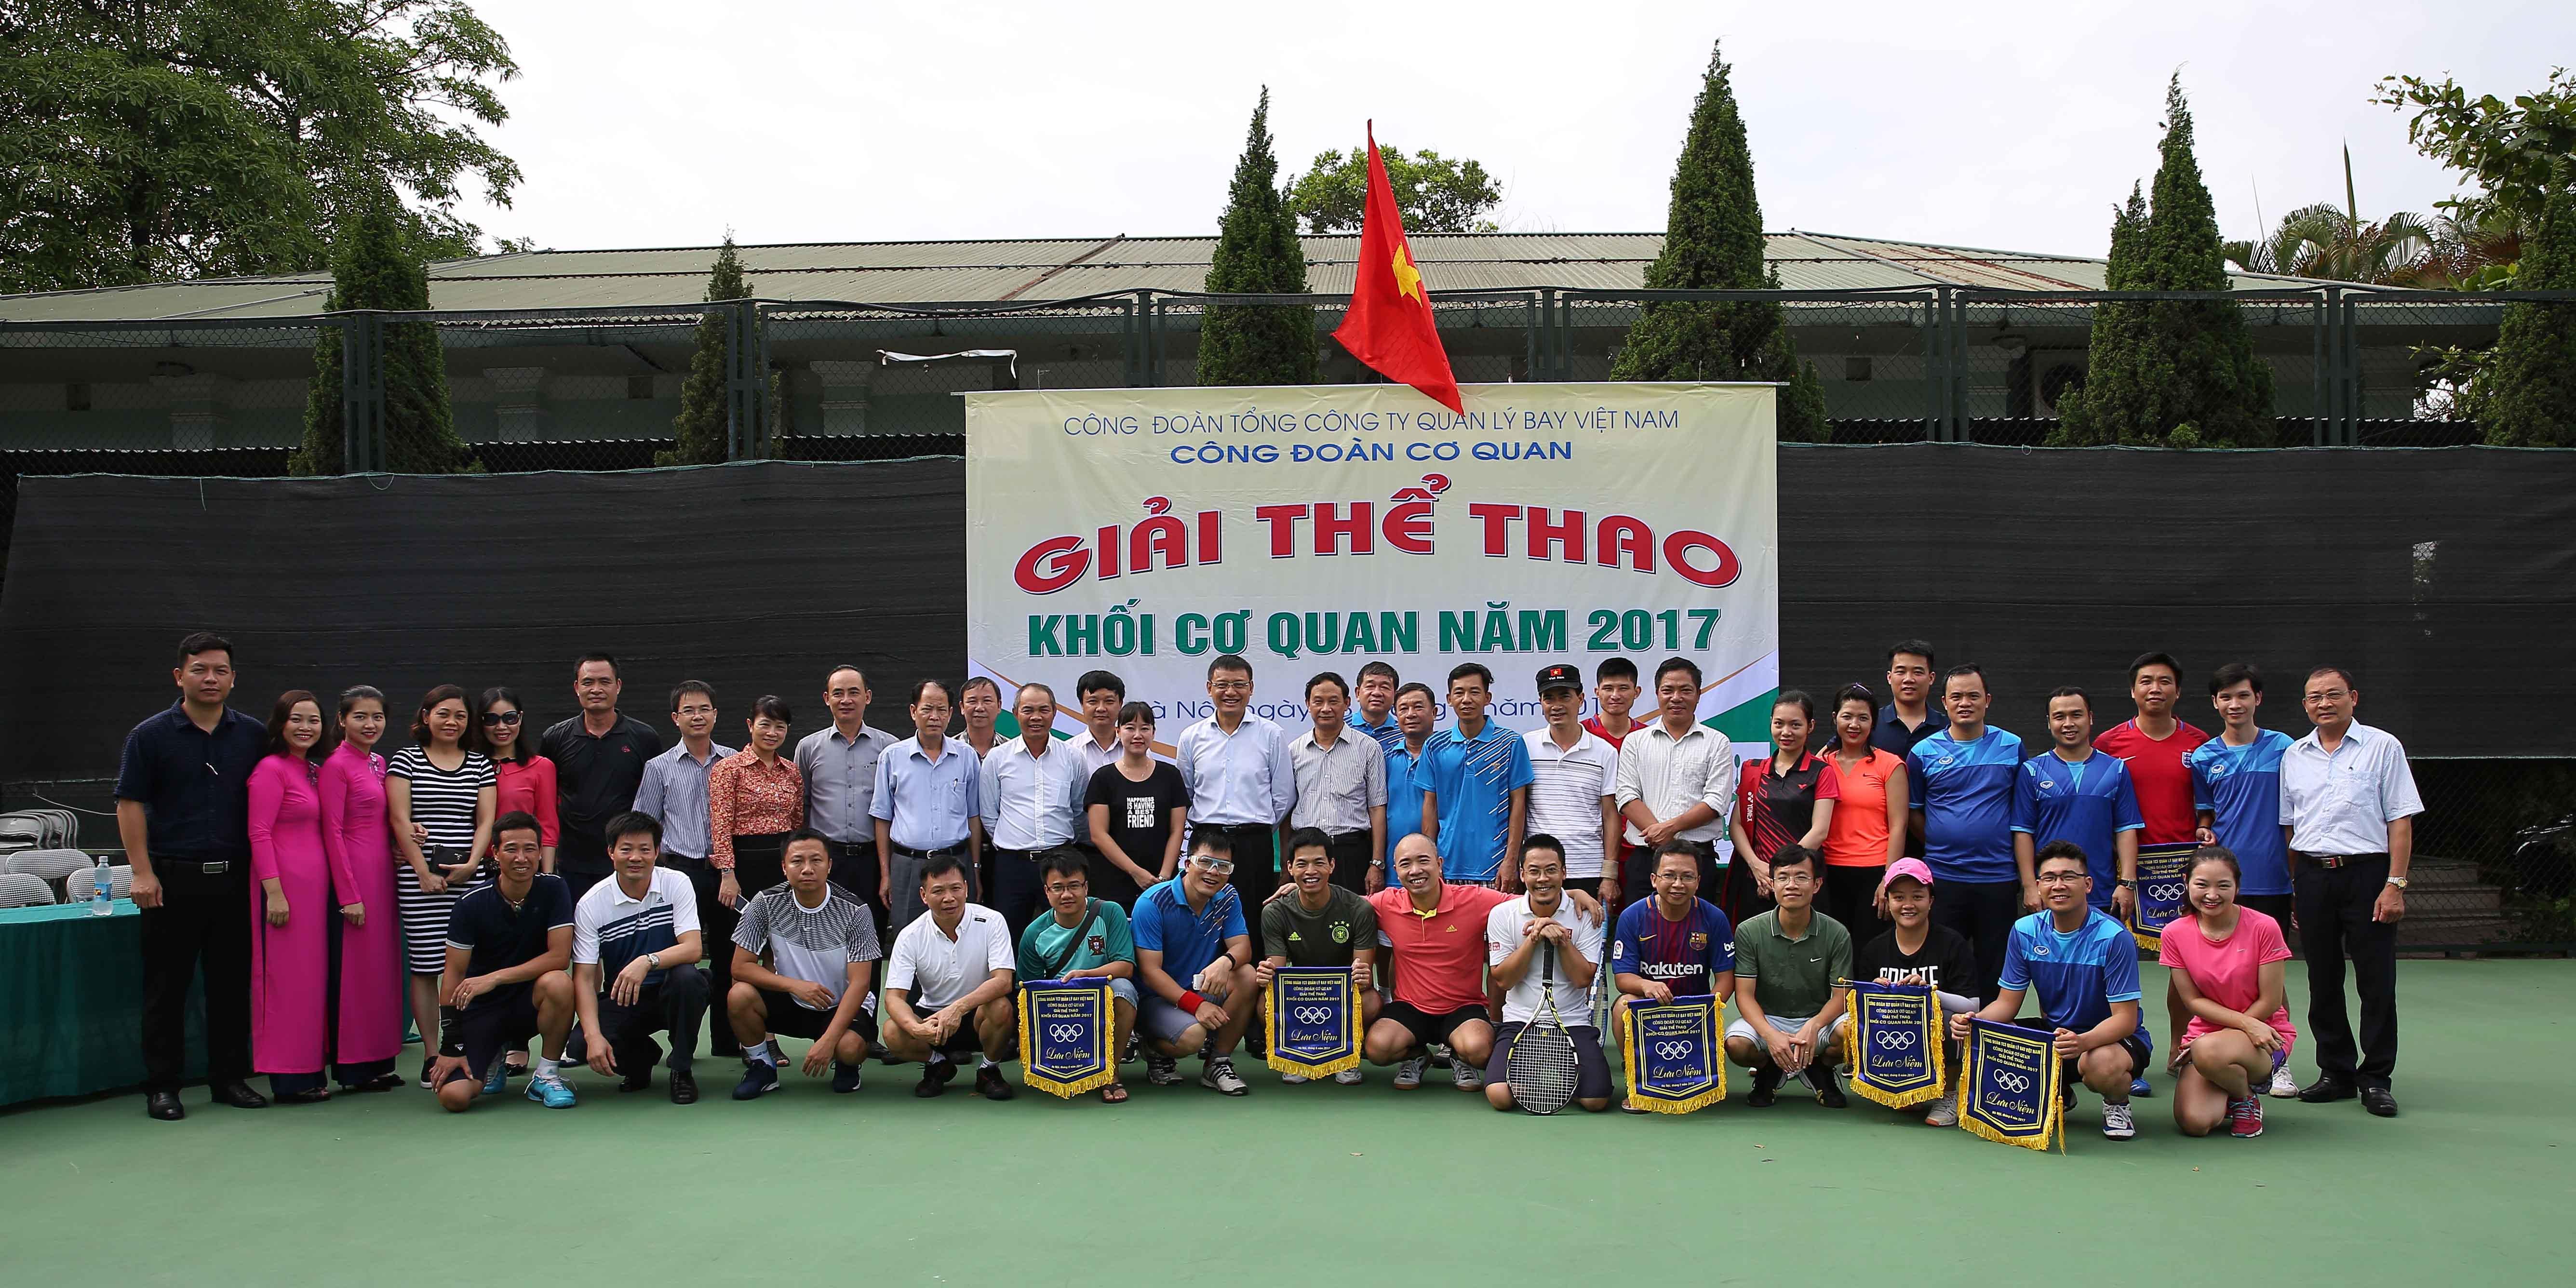 Giải thể thao Khối cơ quan Tổng công ty Quản lý bay Việt Nam năm 2017